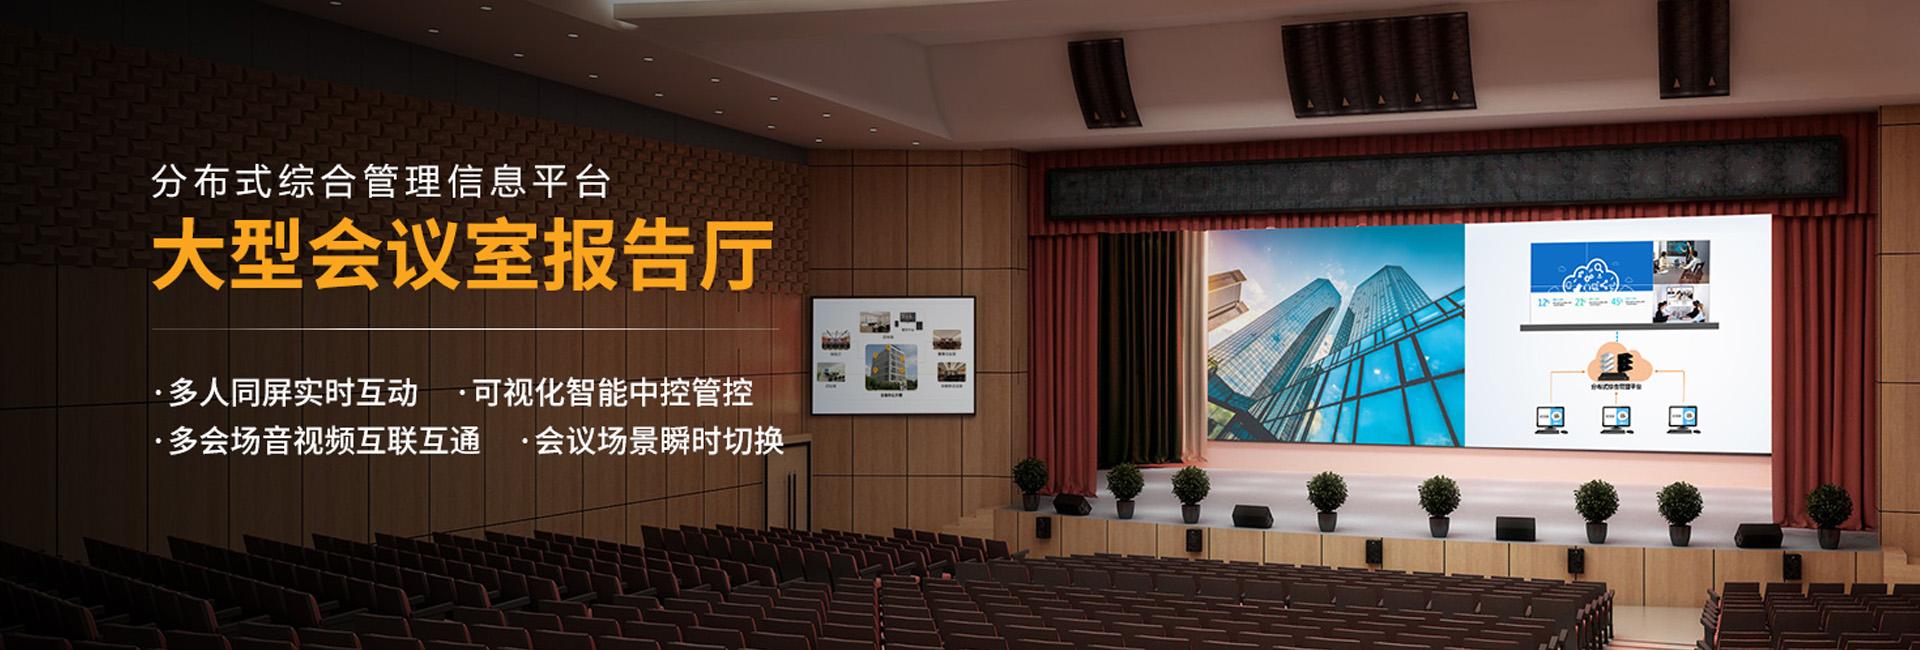 大型会议室报告厅会议系统